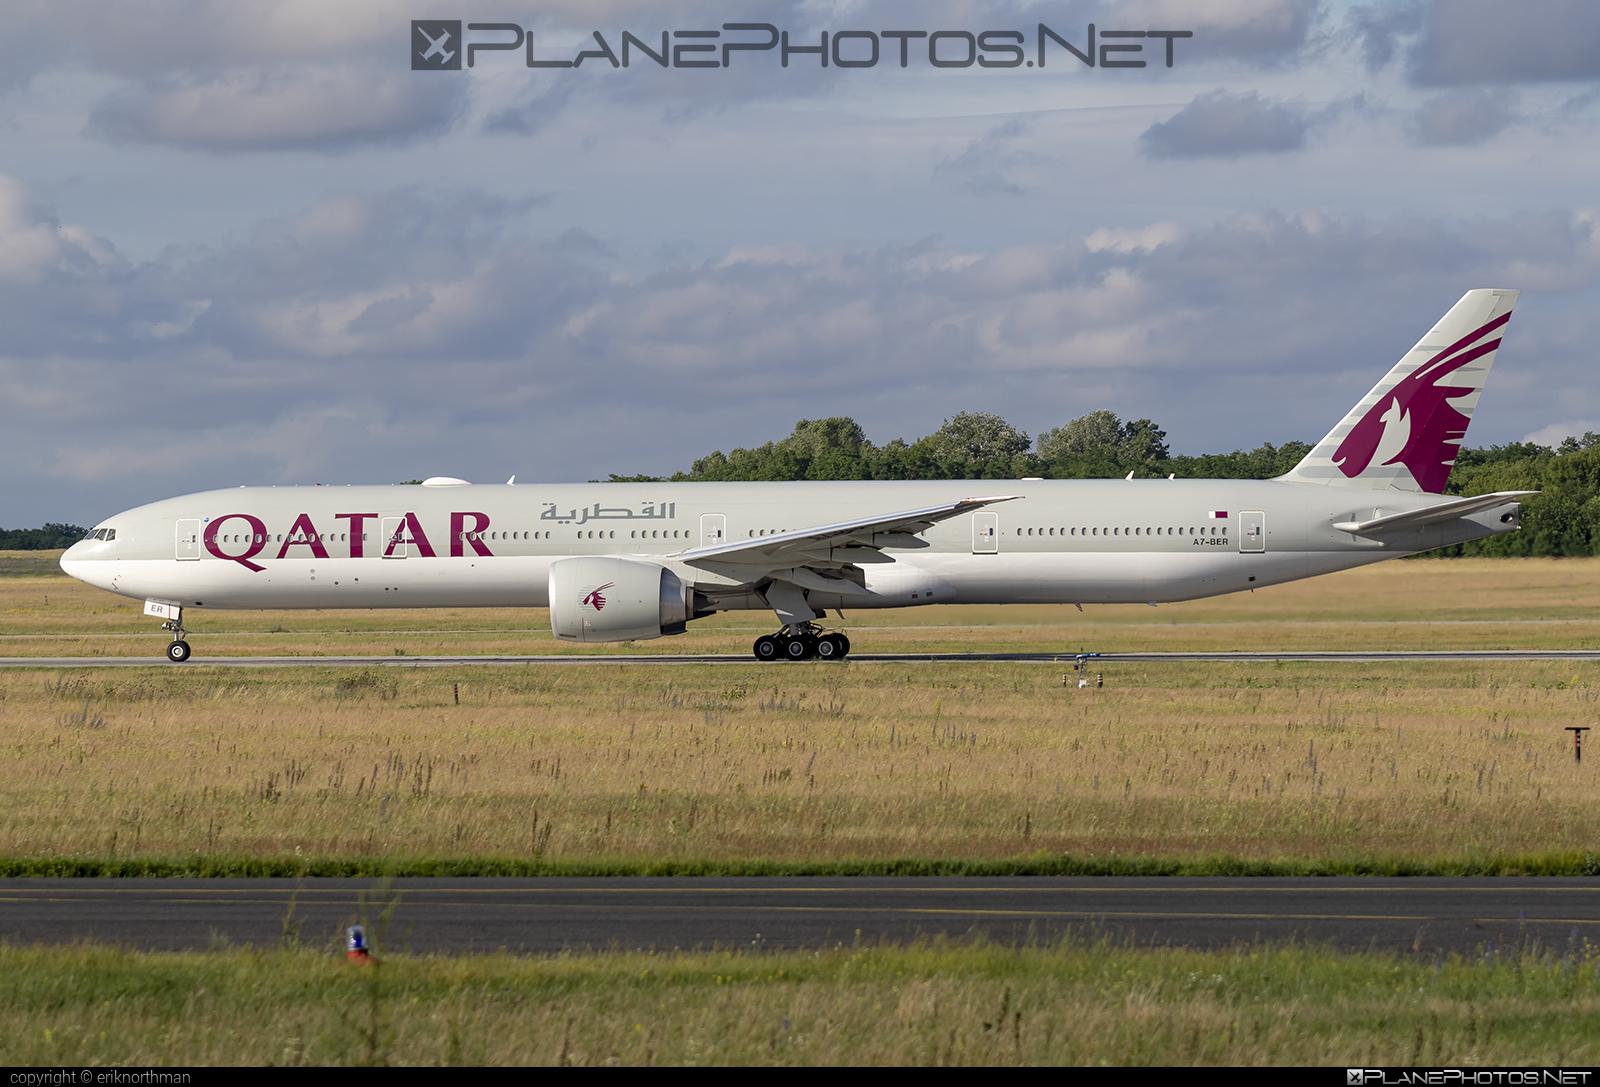 Boeing 777-300ER - A7-BER operated by Qatar Airways #b777 #b777er #boeing #boeing777 #qatarairways #tripleseven